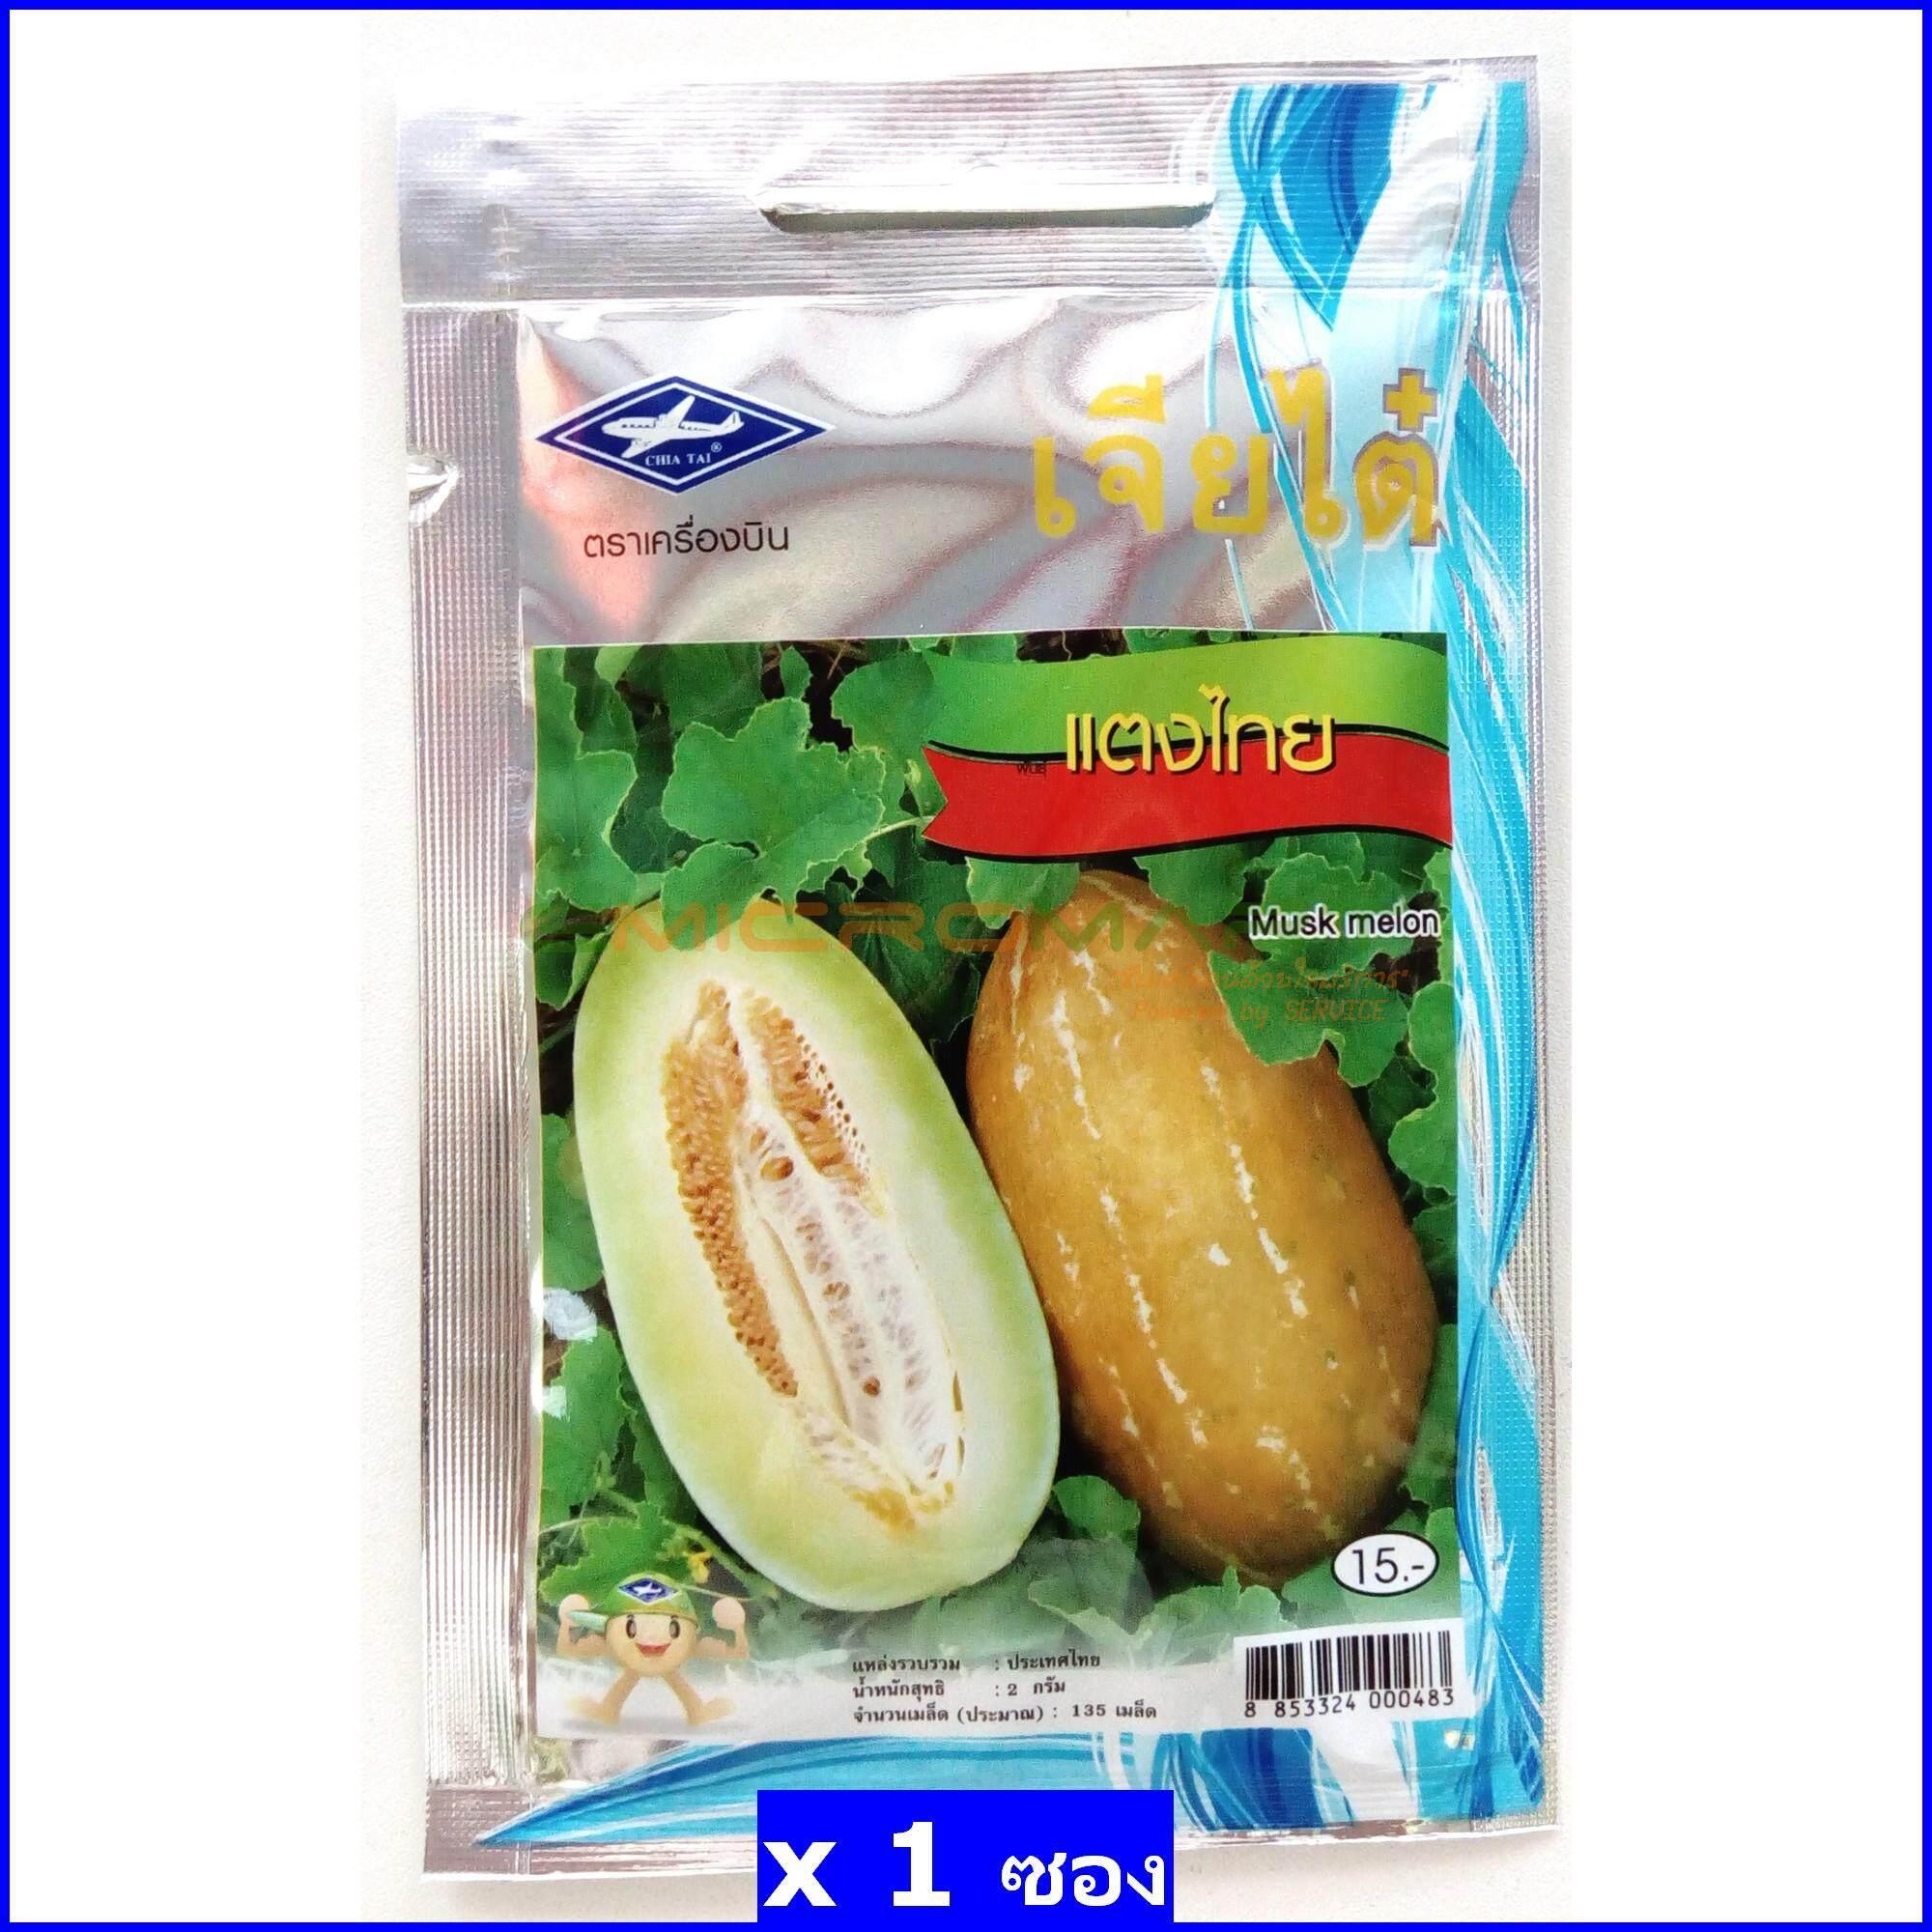 เจียไต๋ ตราเครื่องบิน แตงไทย (Musk Melon) เมล็ดพันธุ์ เมล็ดพันธุ์ผัก เมล็ดพันธุ์พืช ผักสวนครัว